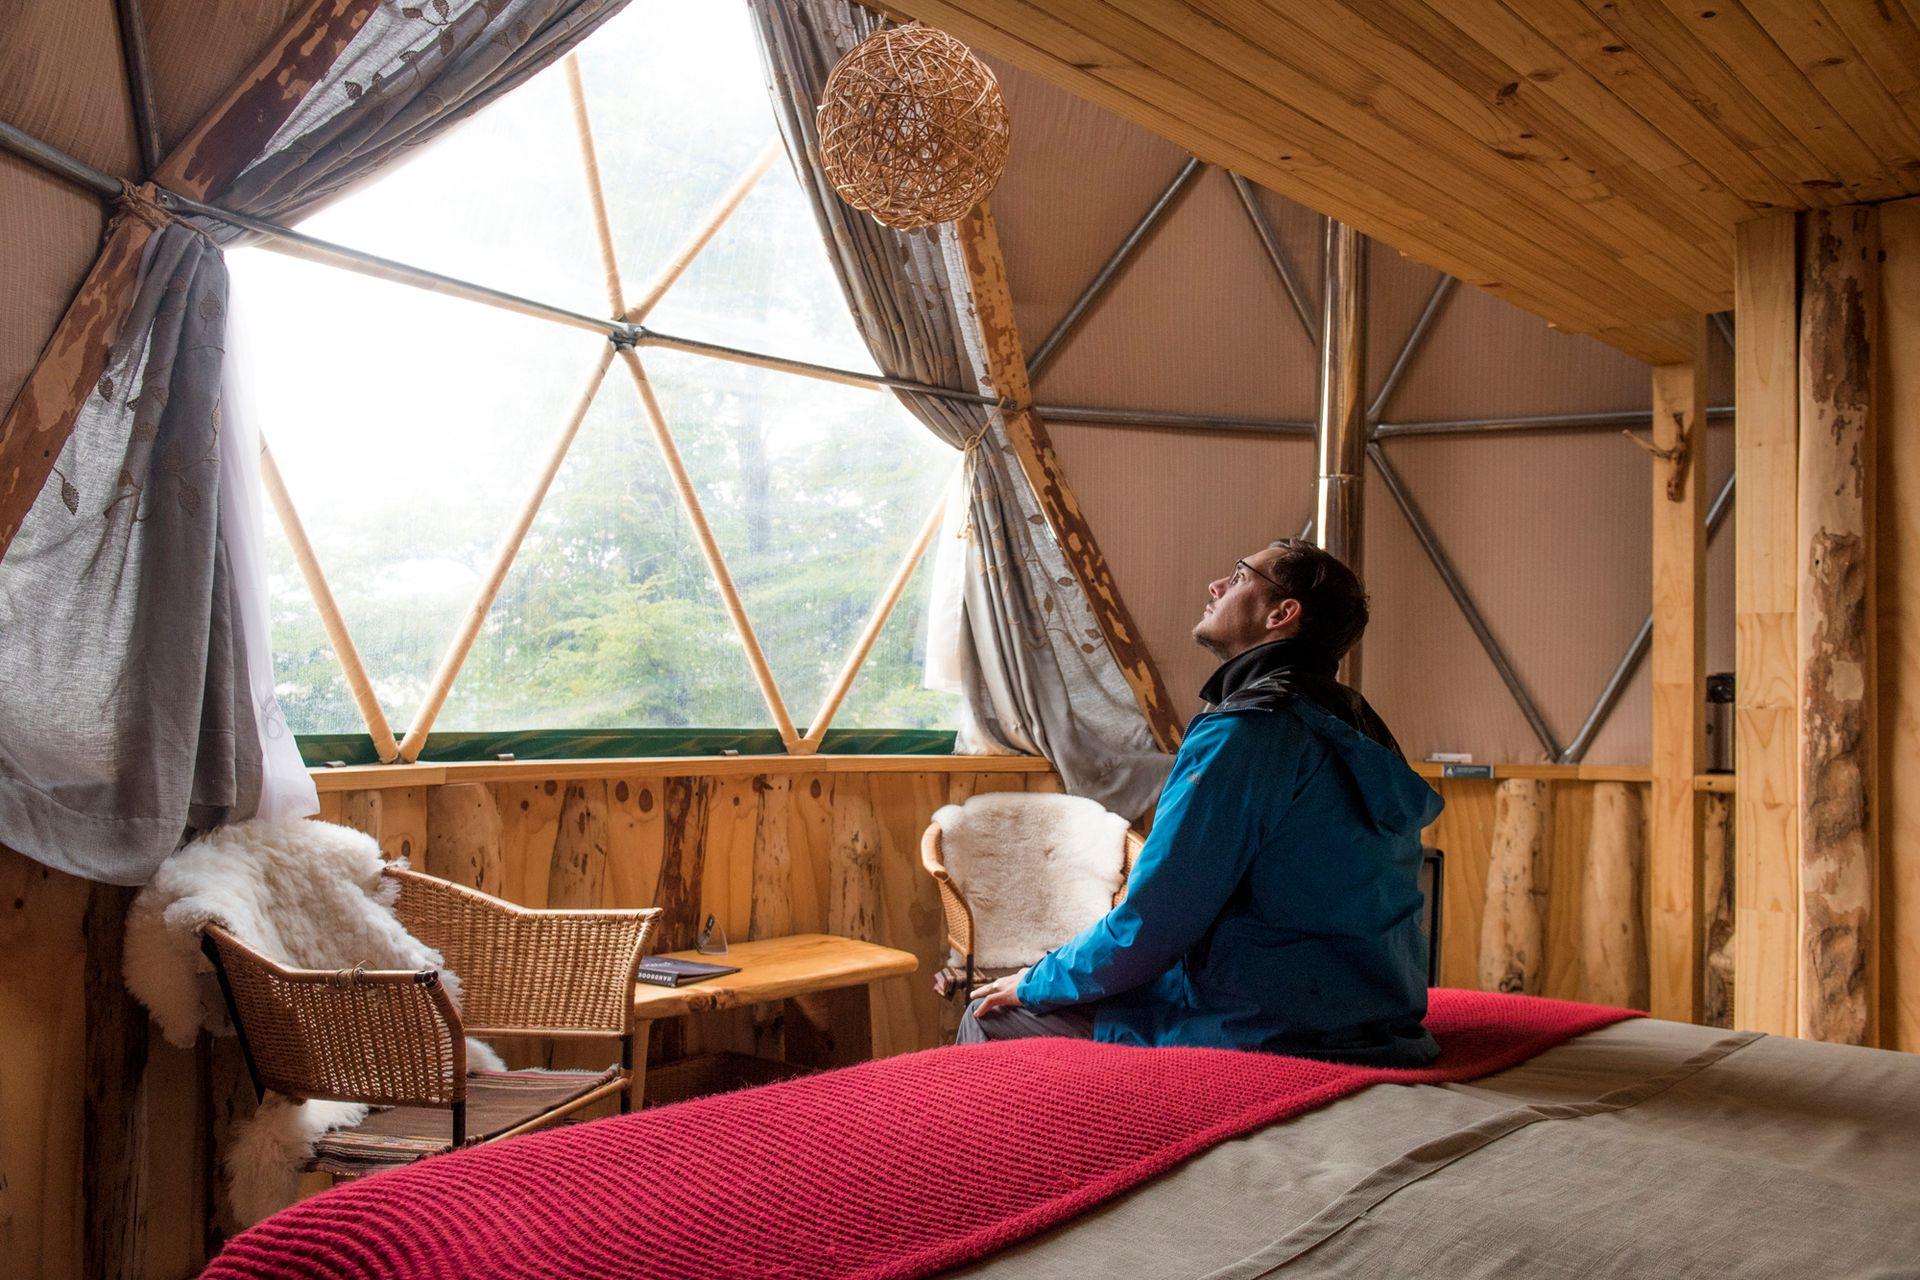 El interior de uno de los domos, con cama, baño, alfombras, sillones mullidos y vista privilegiada.